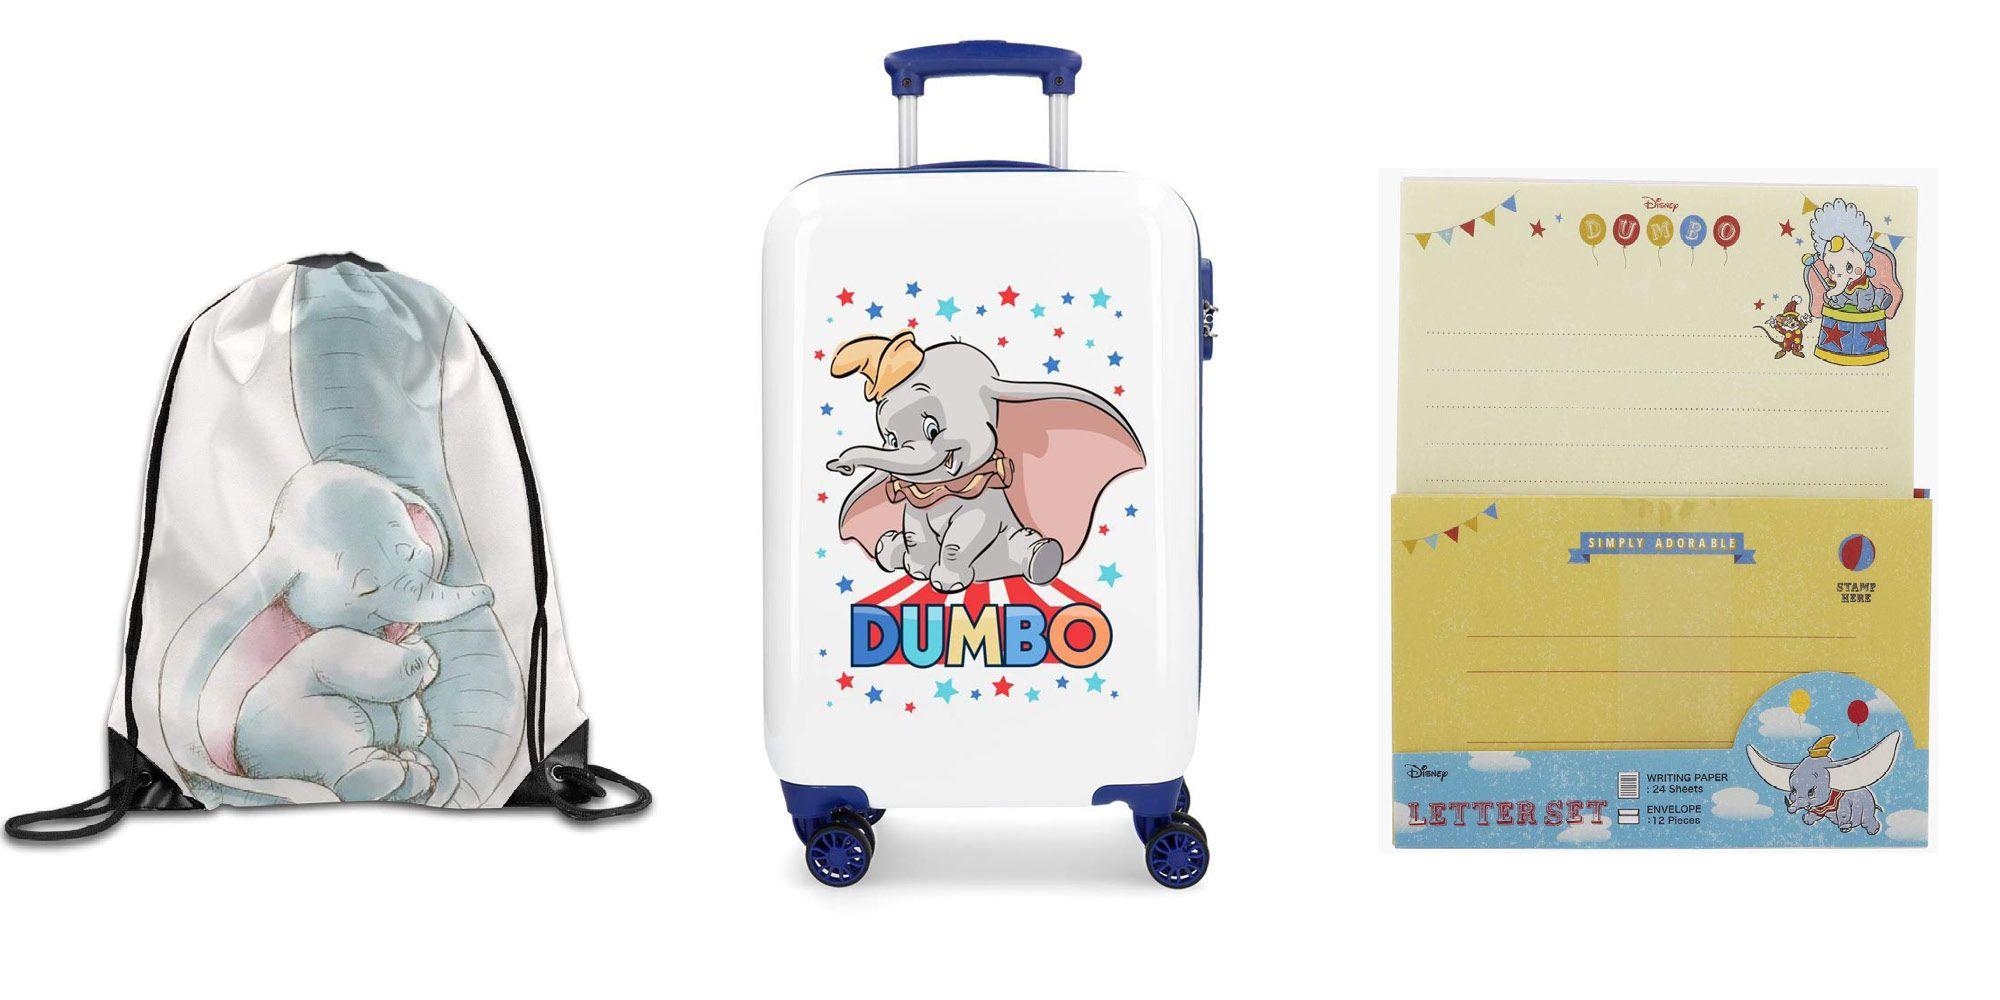 Estos son los 15 regalos más adorables de Dumbo que hay en